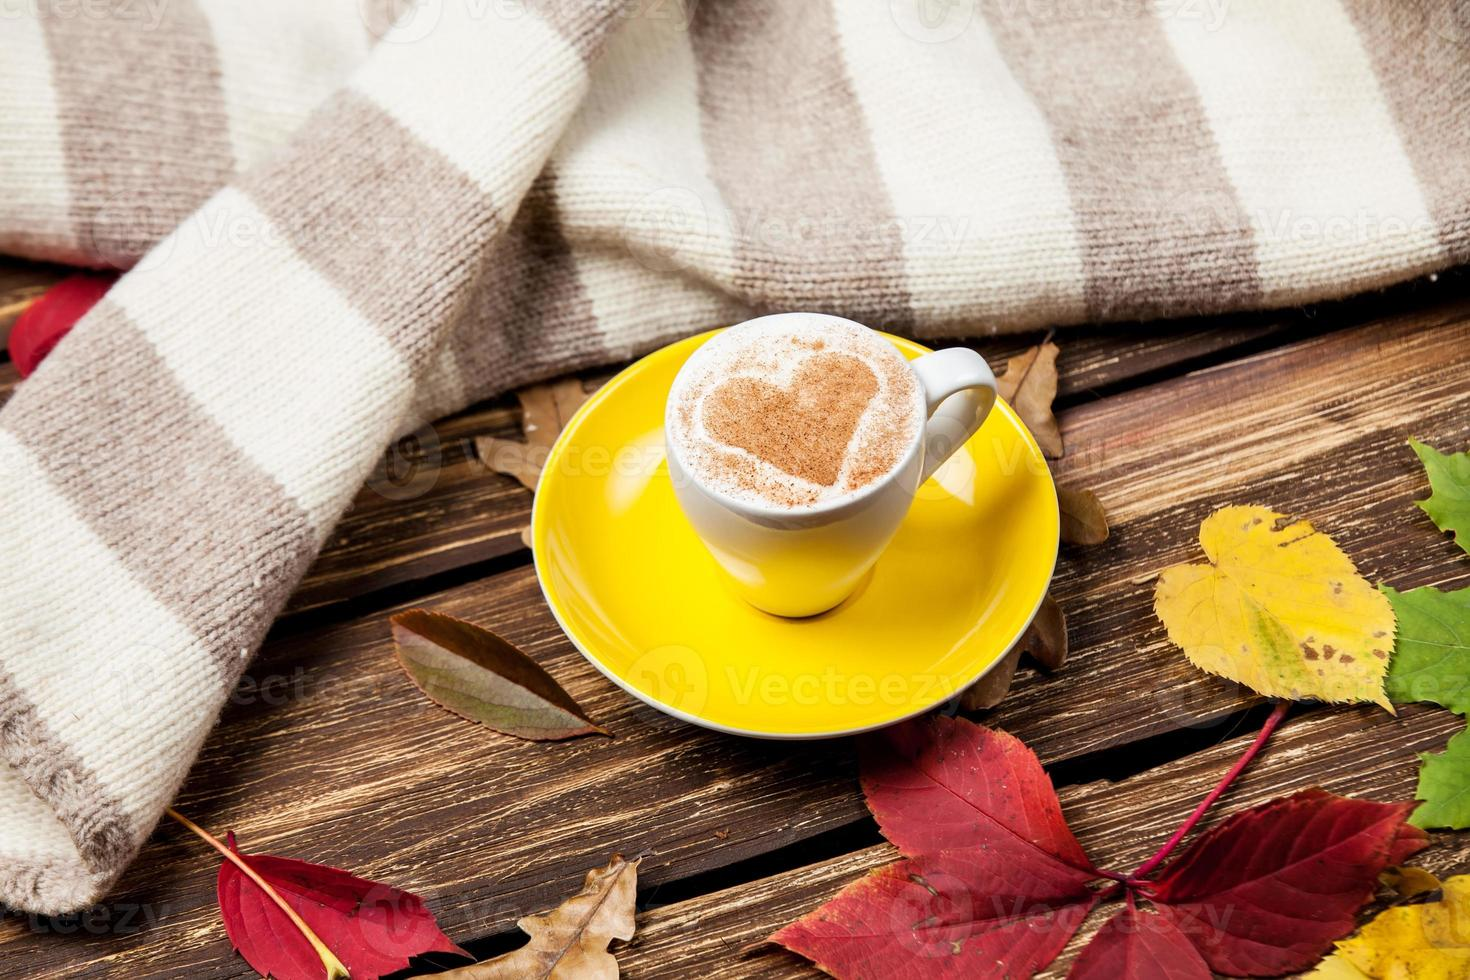 Herbstblätter, Schal und Kaffeetasse auf Holztisch. foto